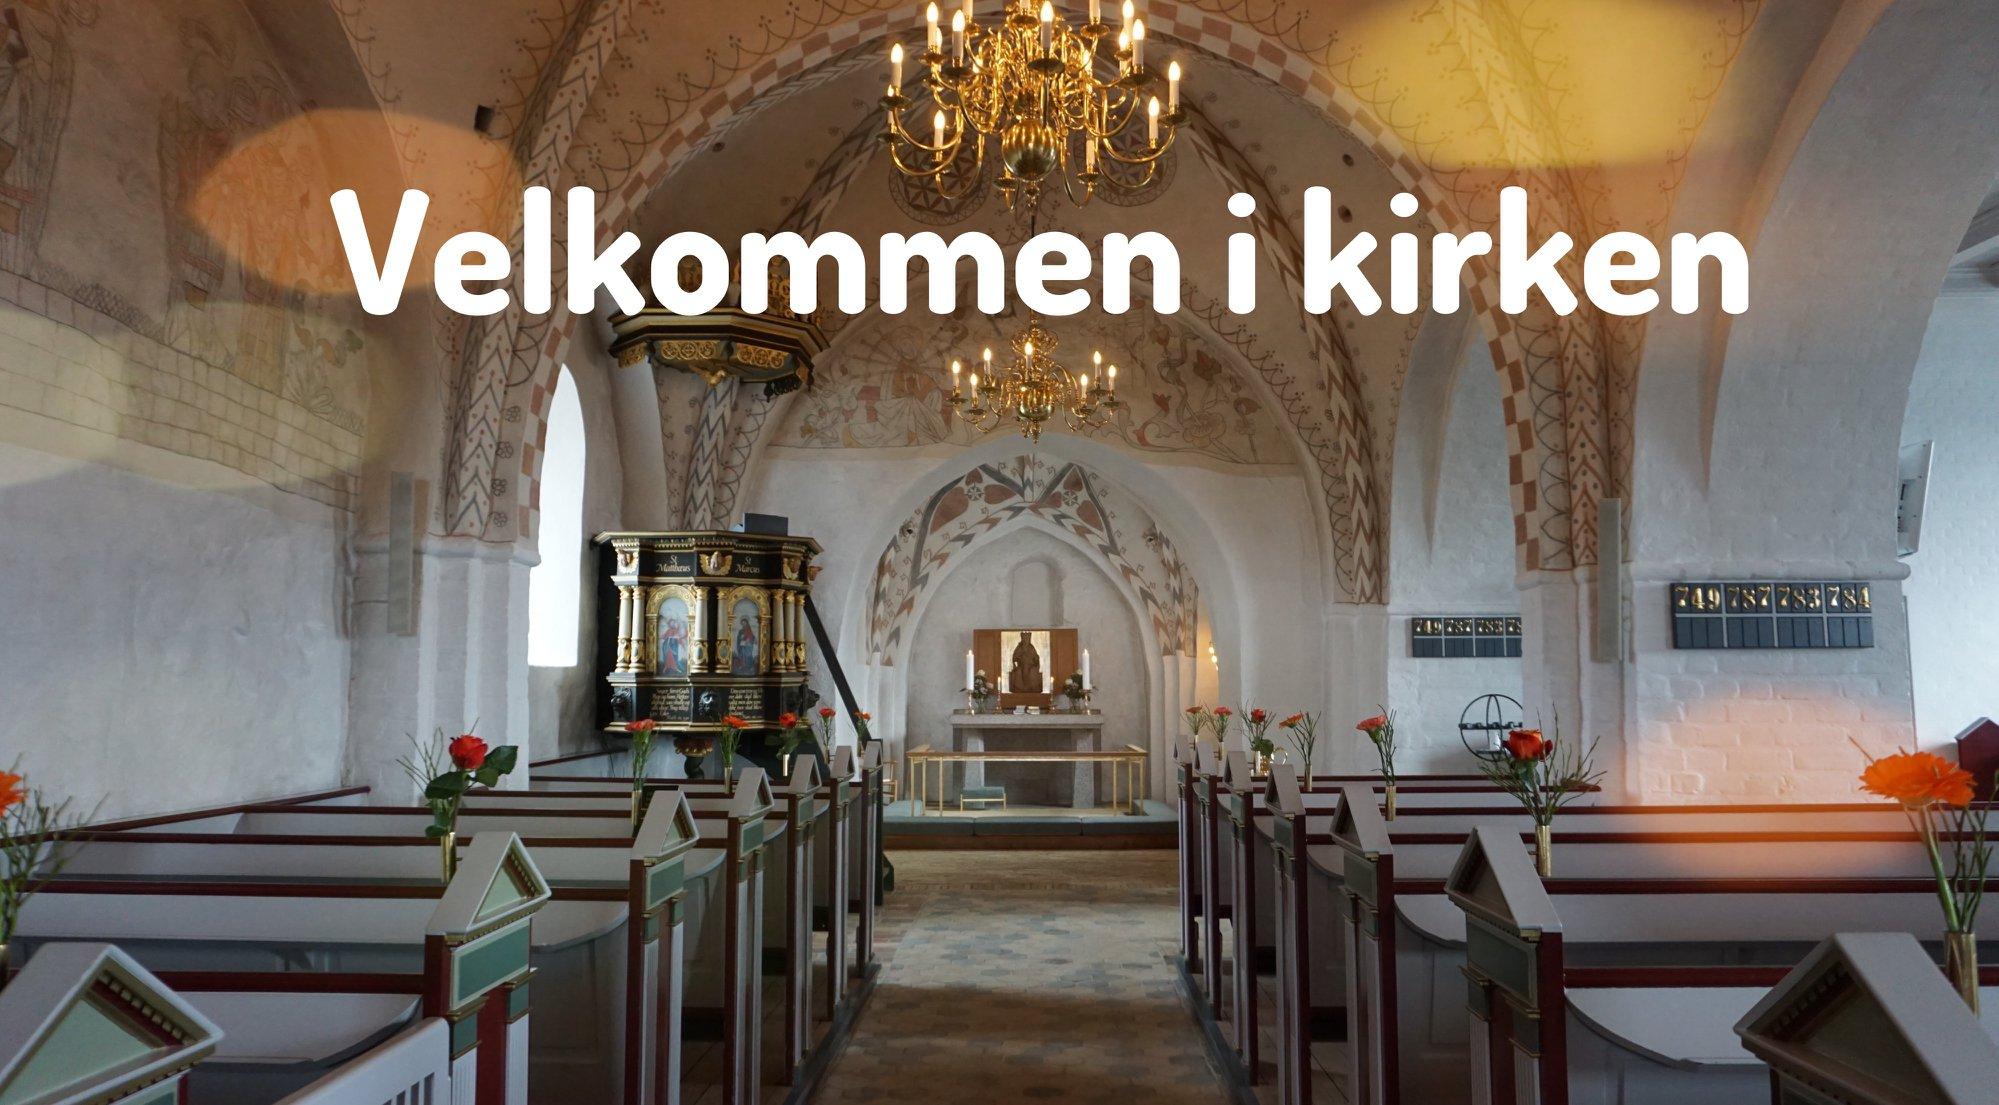 Corona restriktioner i kirken